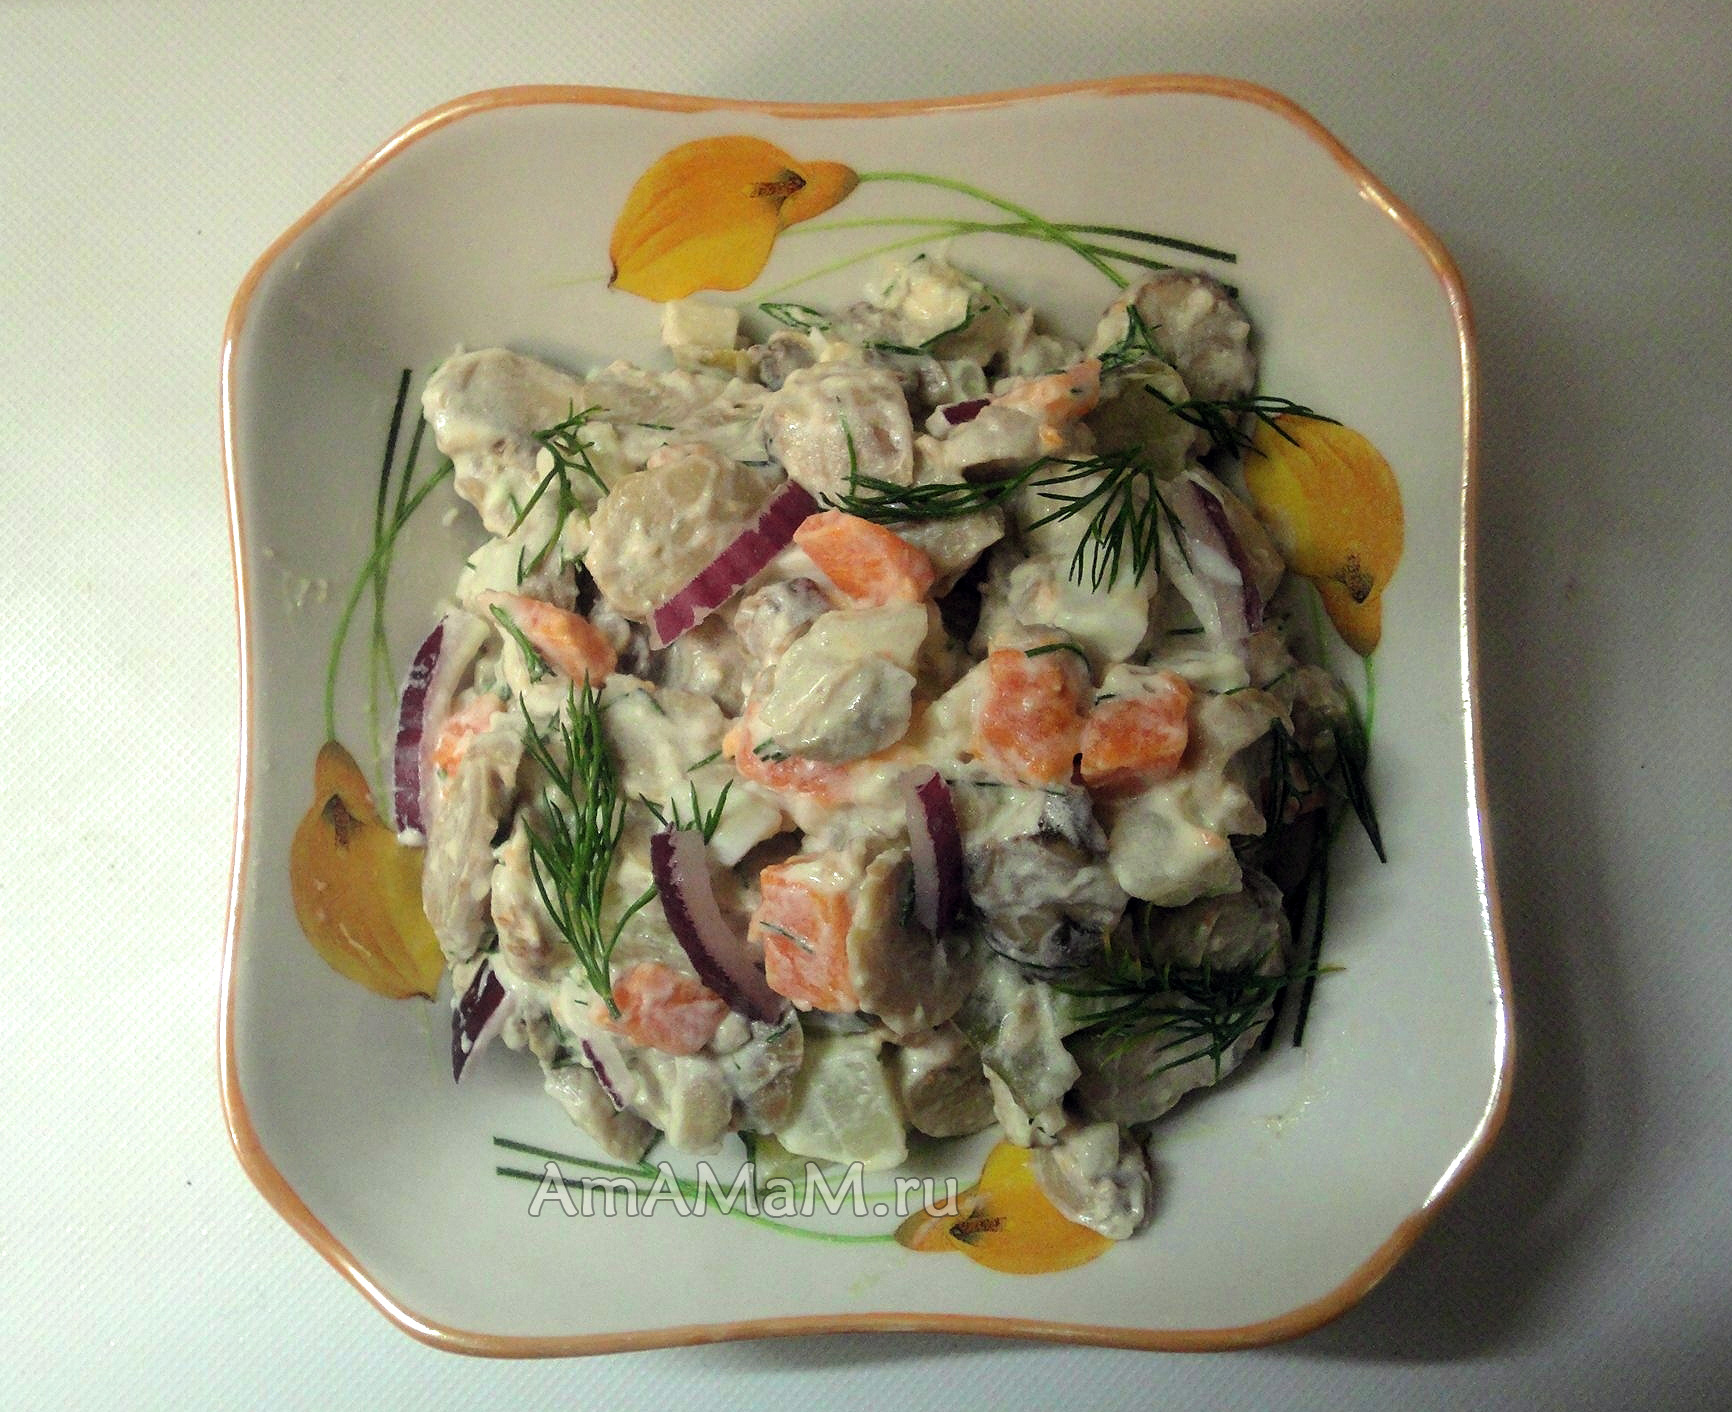 Салат с грибами консервированными рецепт